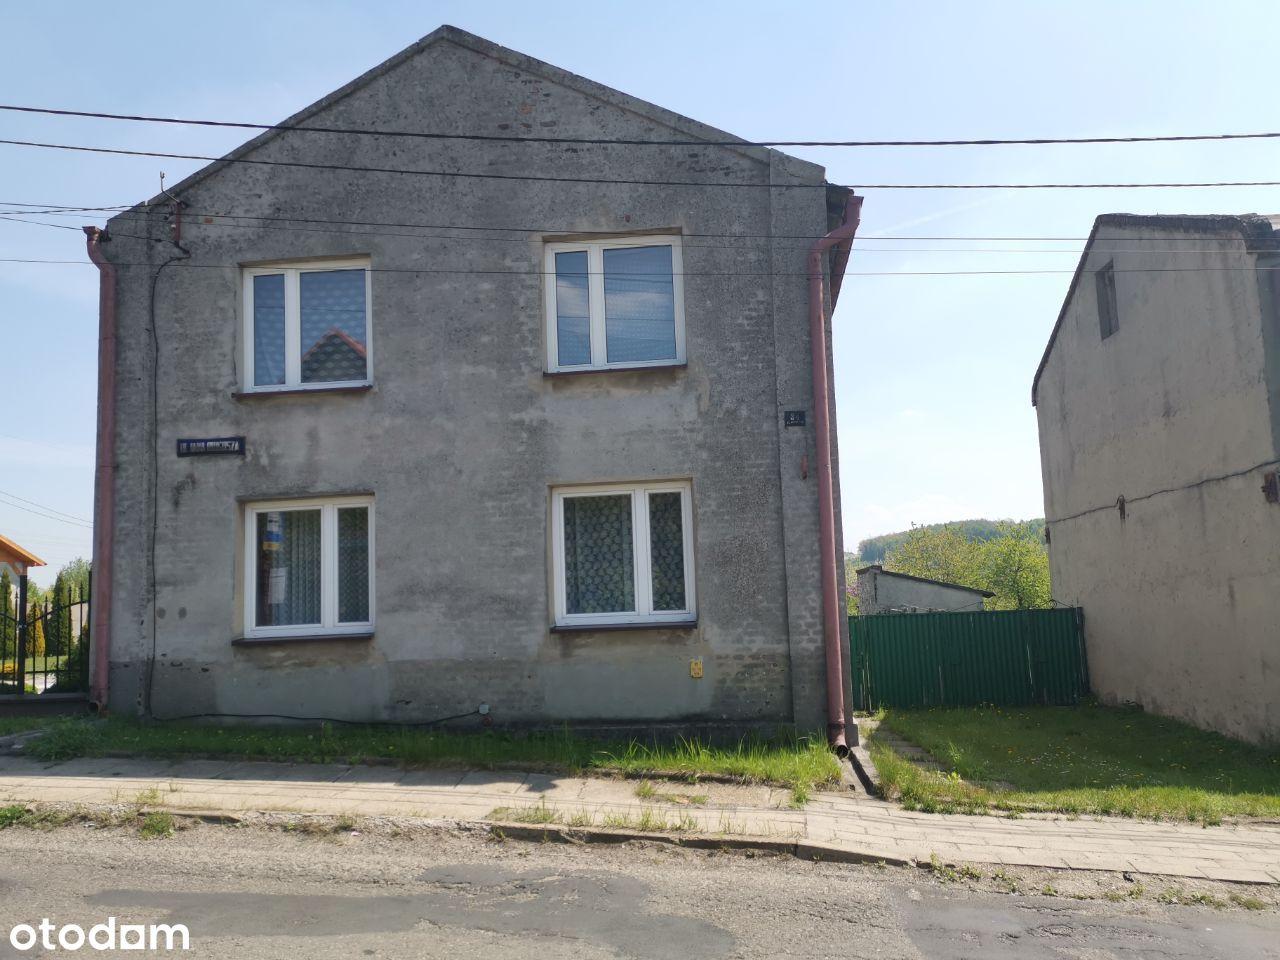 Dom jednorodzinny do remontu.